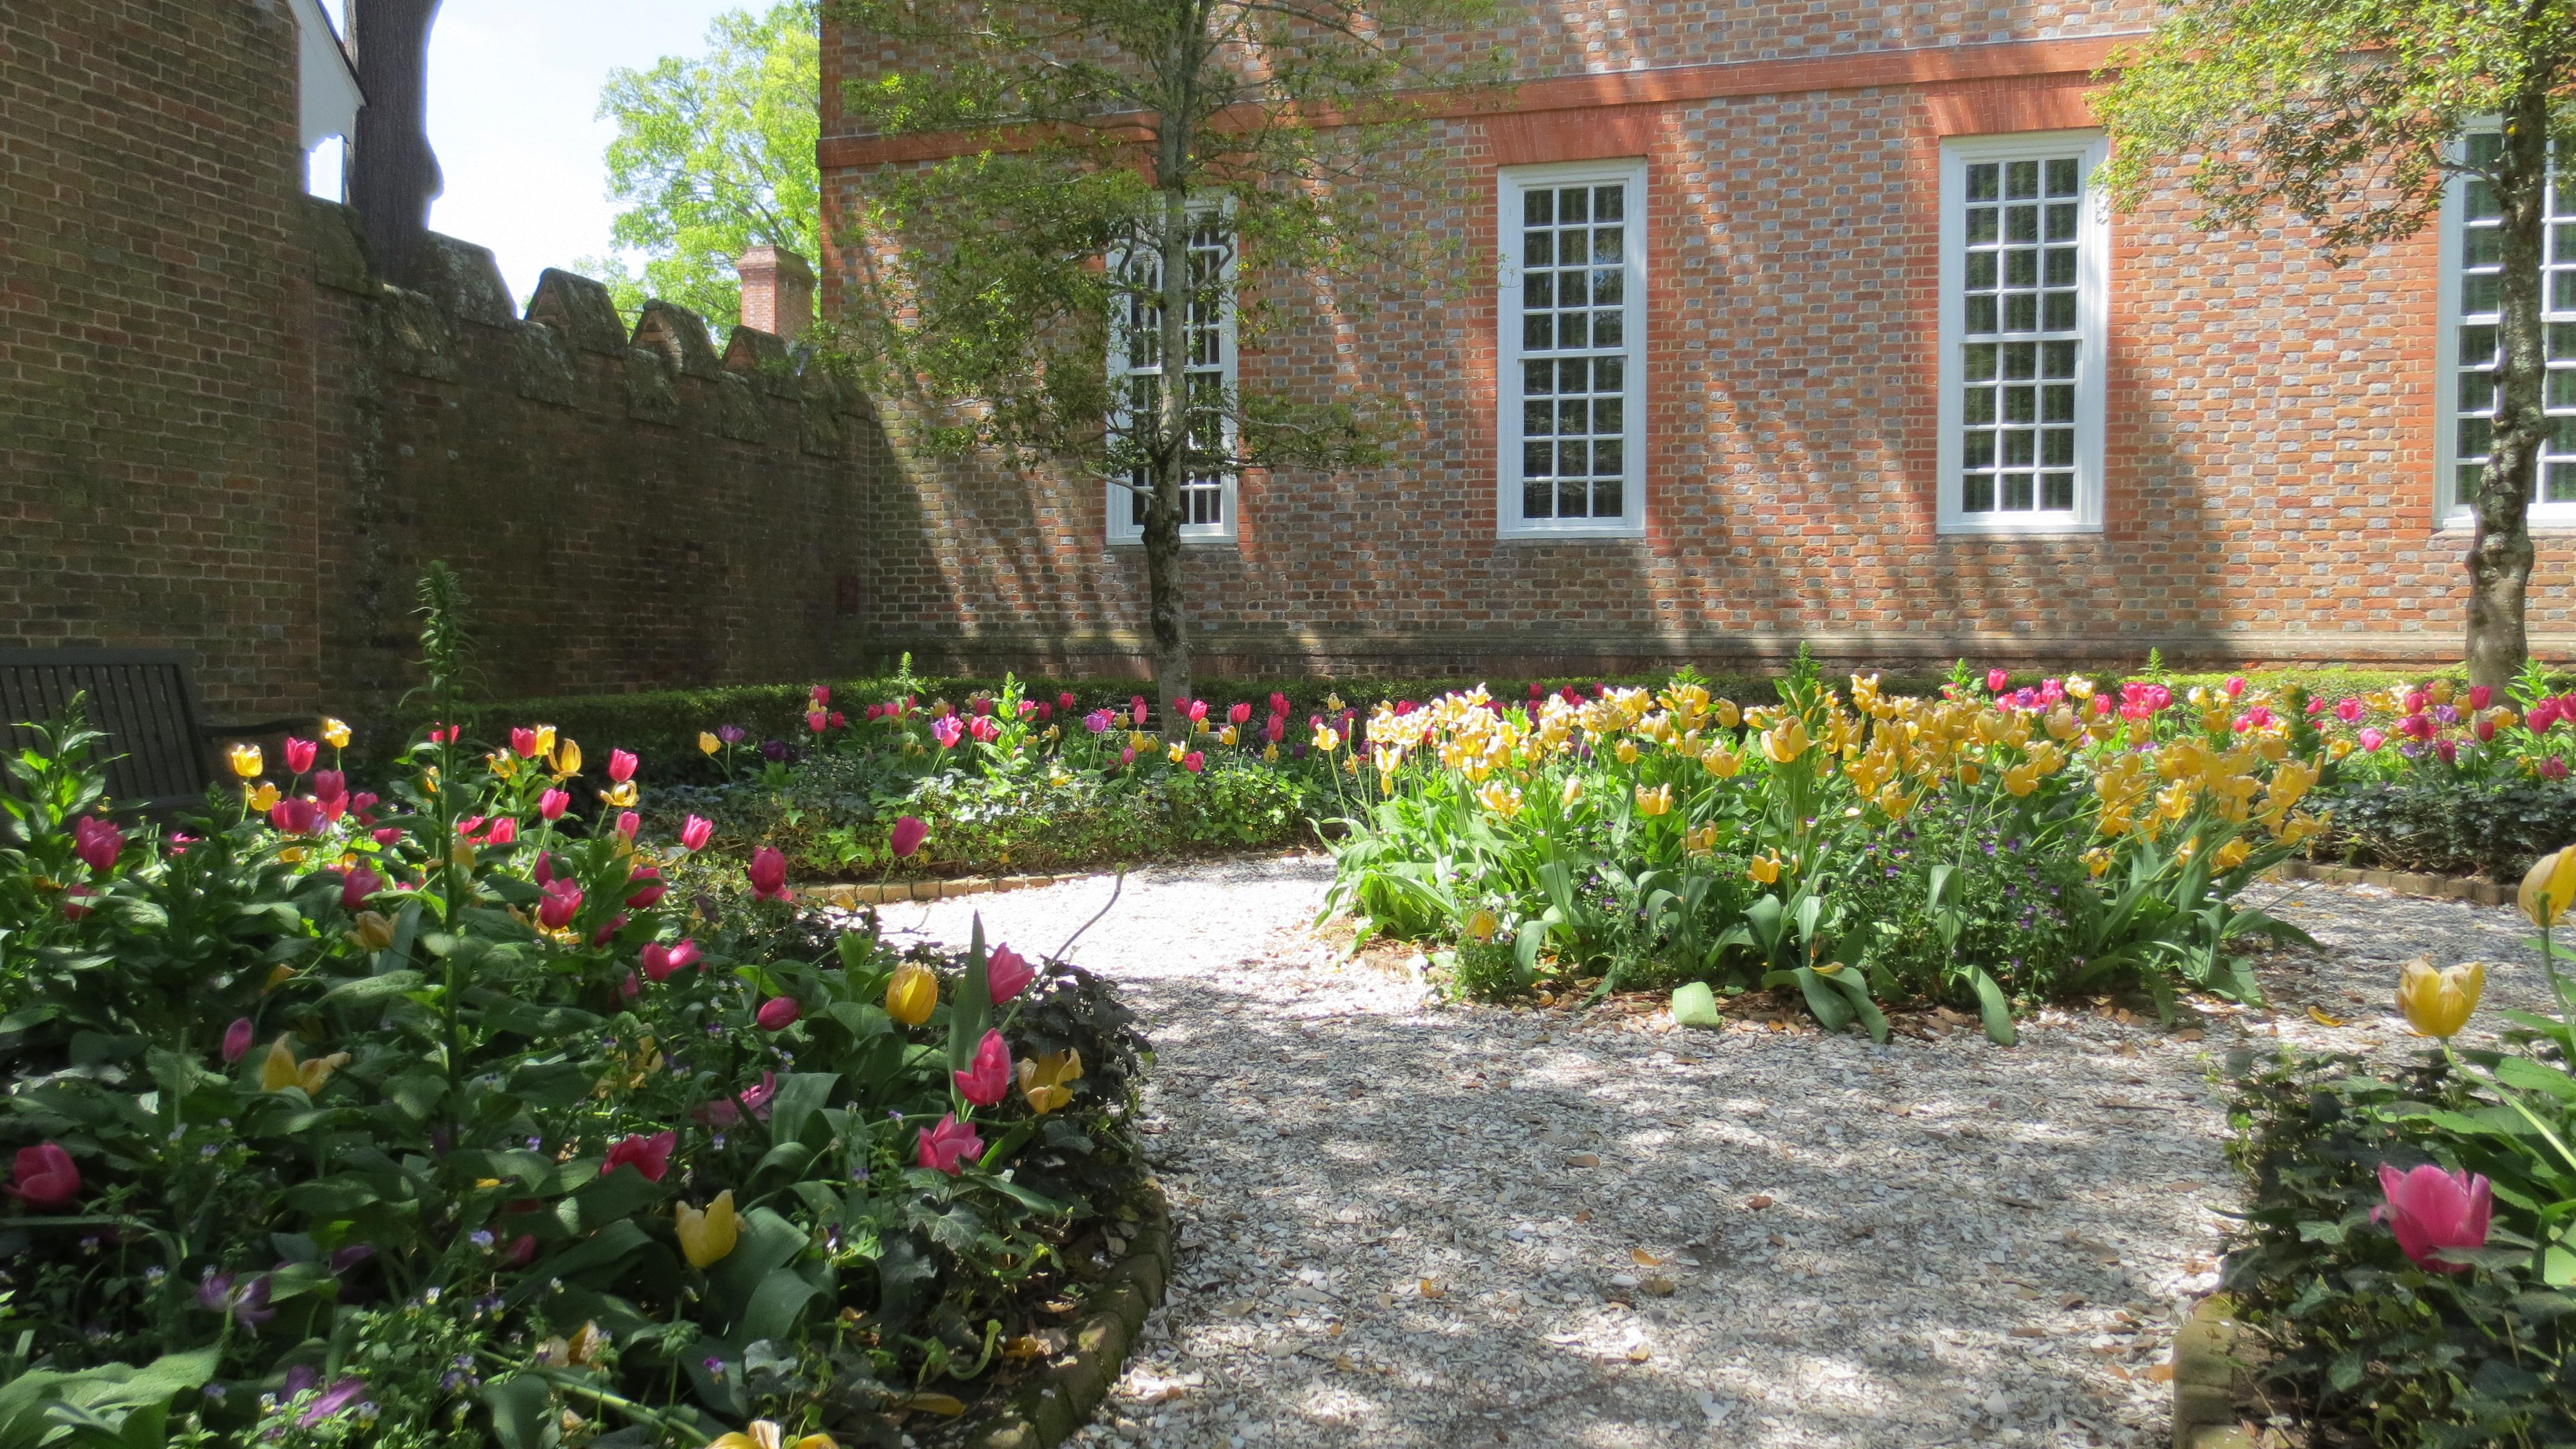 Palace's Children's Garden